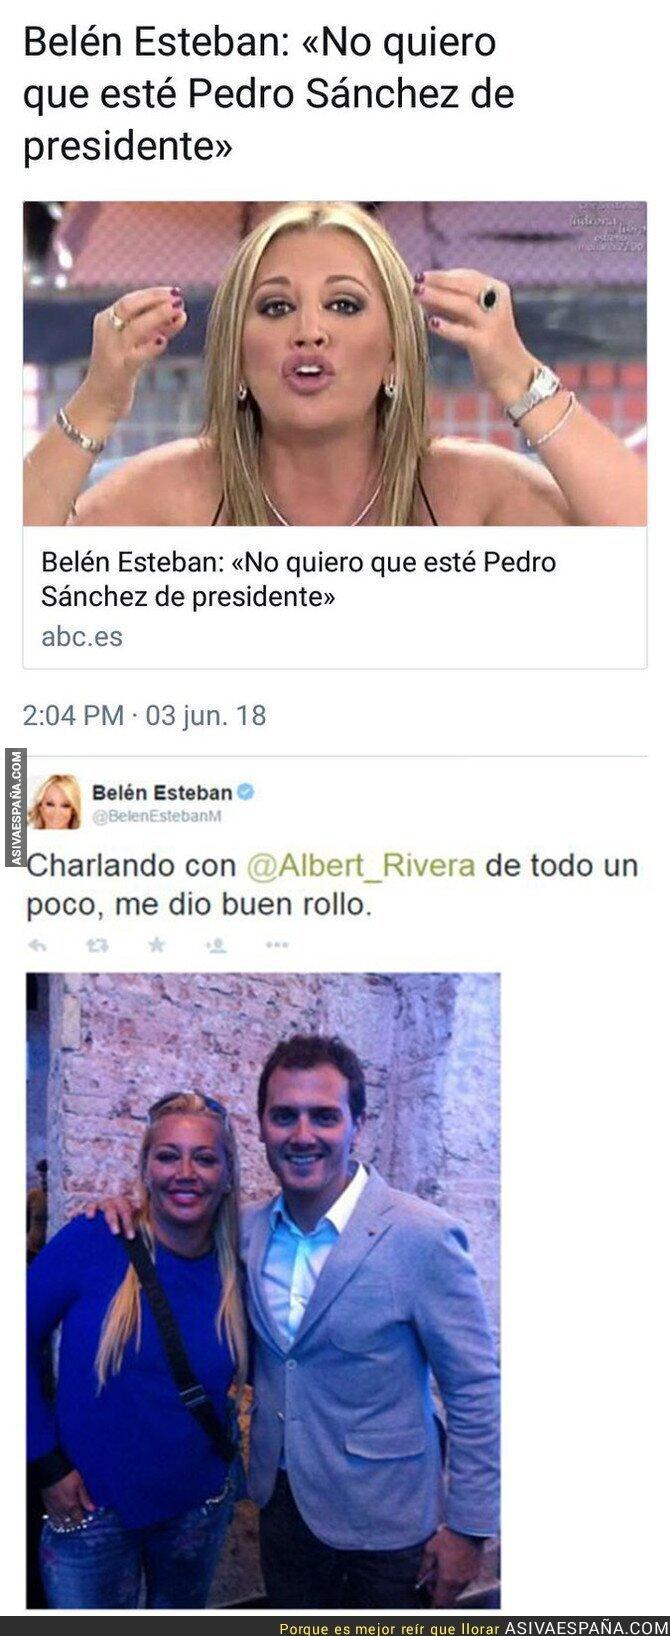 87902 - Dos noticias juntas sobre Belén Esteban y Albert Rivera se entienden mejor